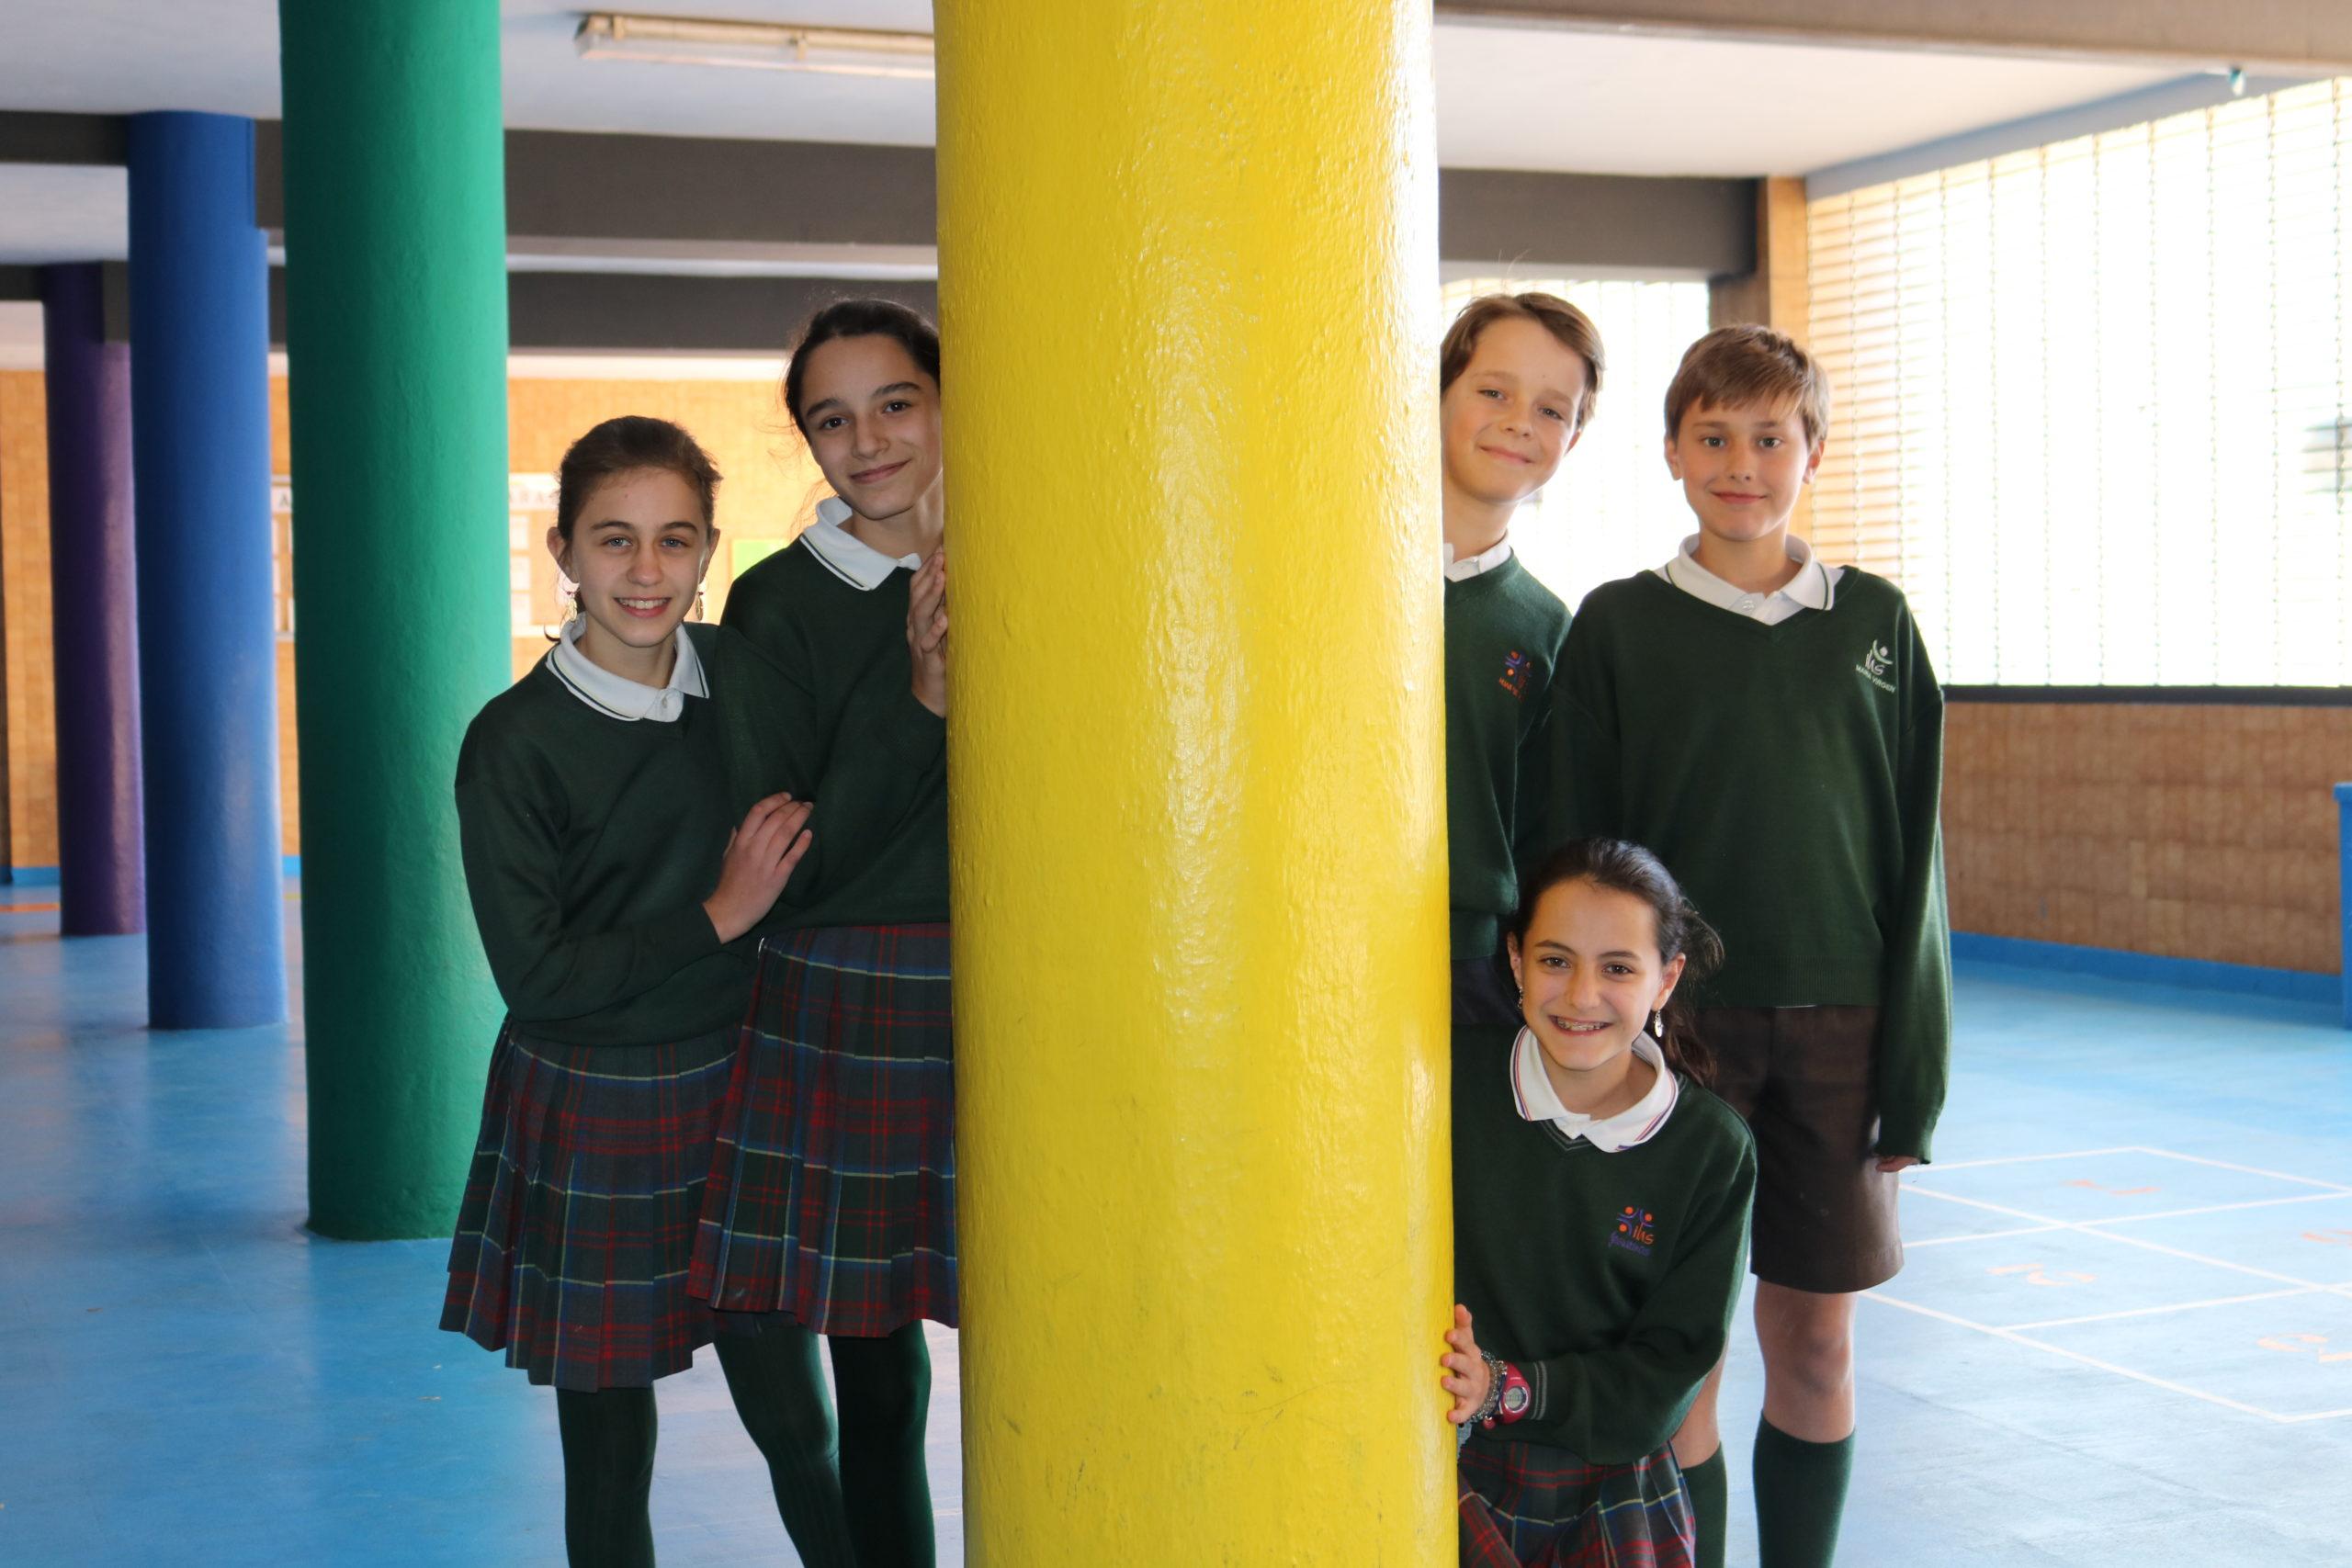 colegio maria virgen concertado chamartin bilingue nuevas tecnologias